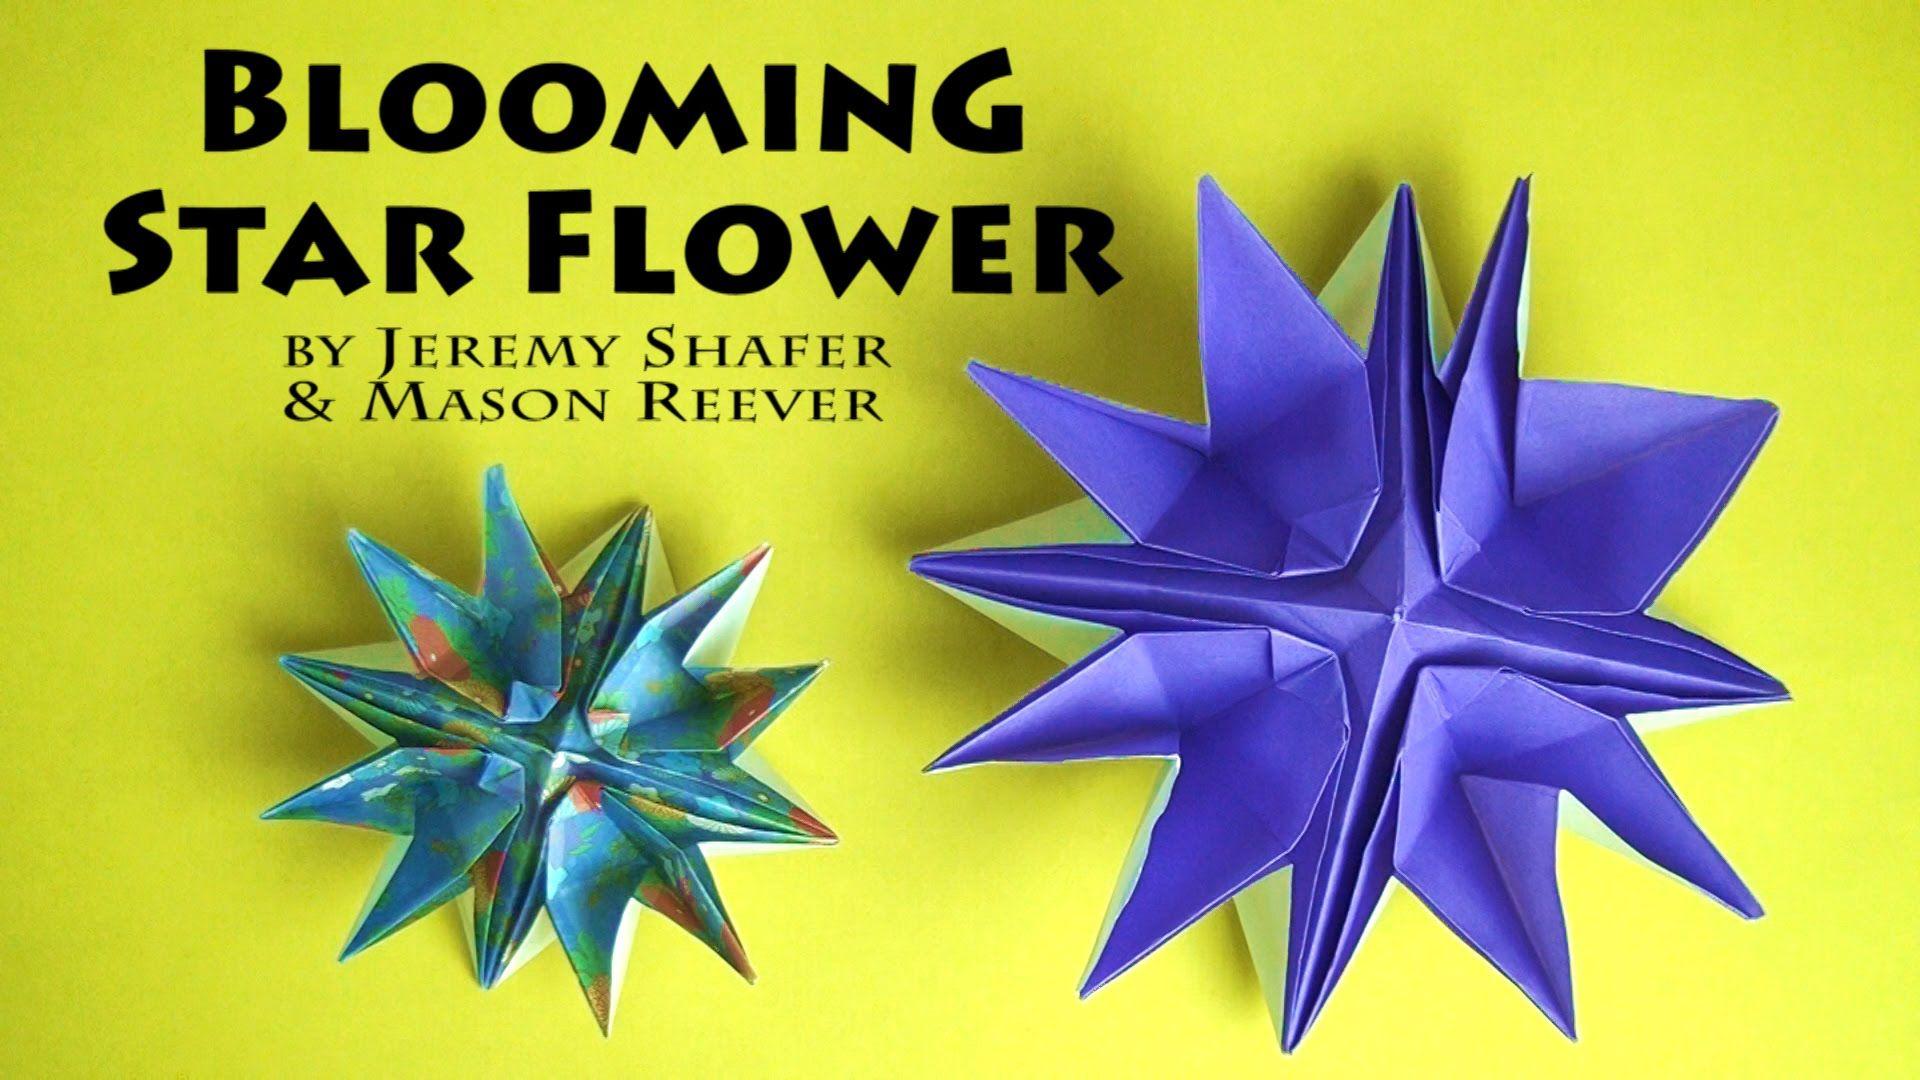 Blooming star flower christmas toys pinterest star flower blooming star flower mightylinksfo Gallery